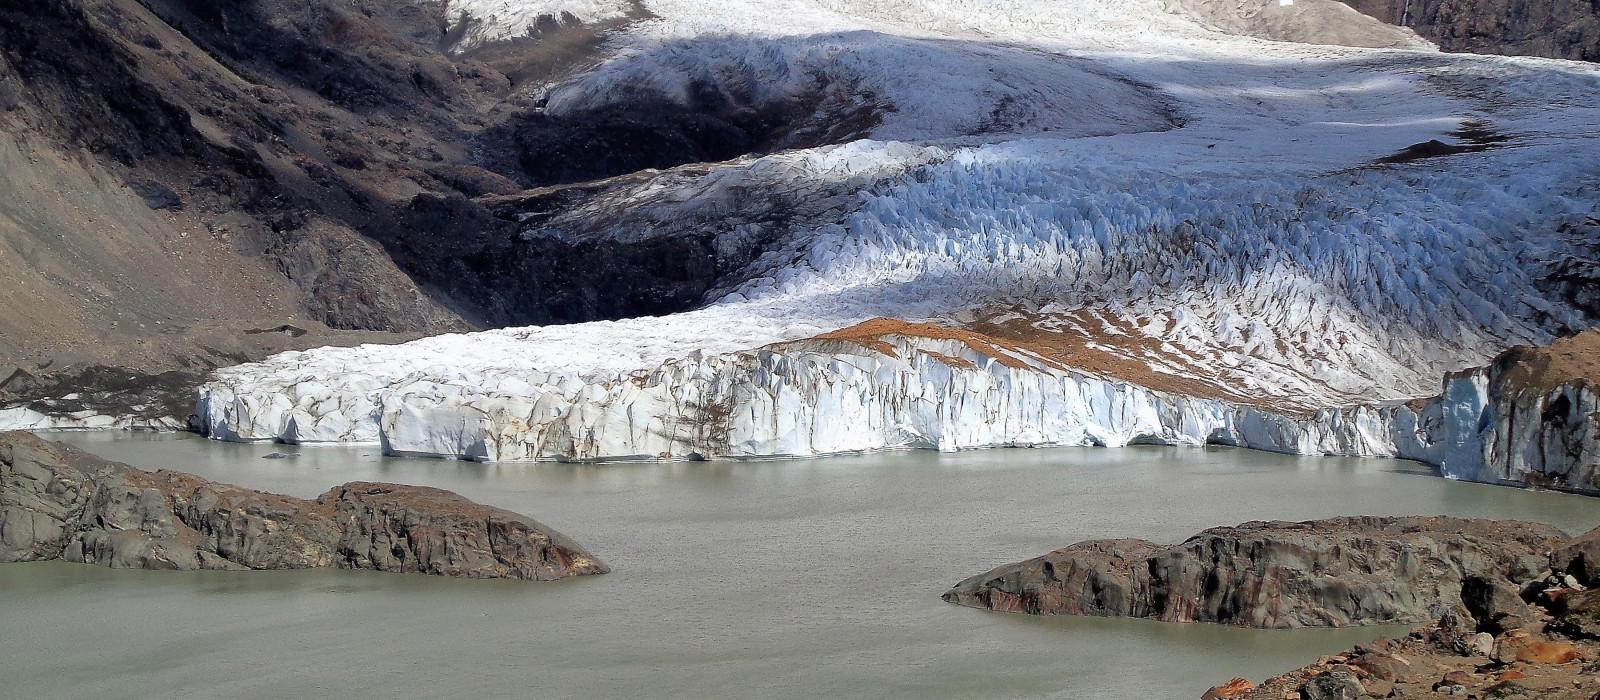 Laguna Torre und sein kleiner Gletscher, der am Ende eines langen Weges in Patagonien Argentinien liegt.